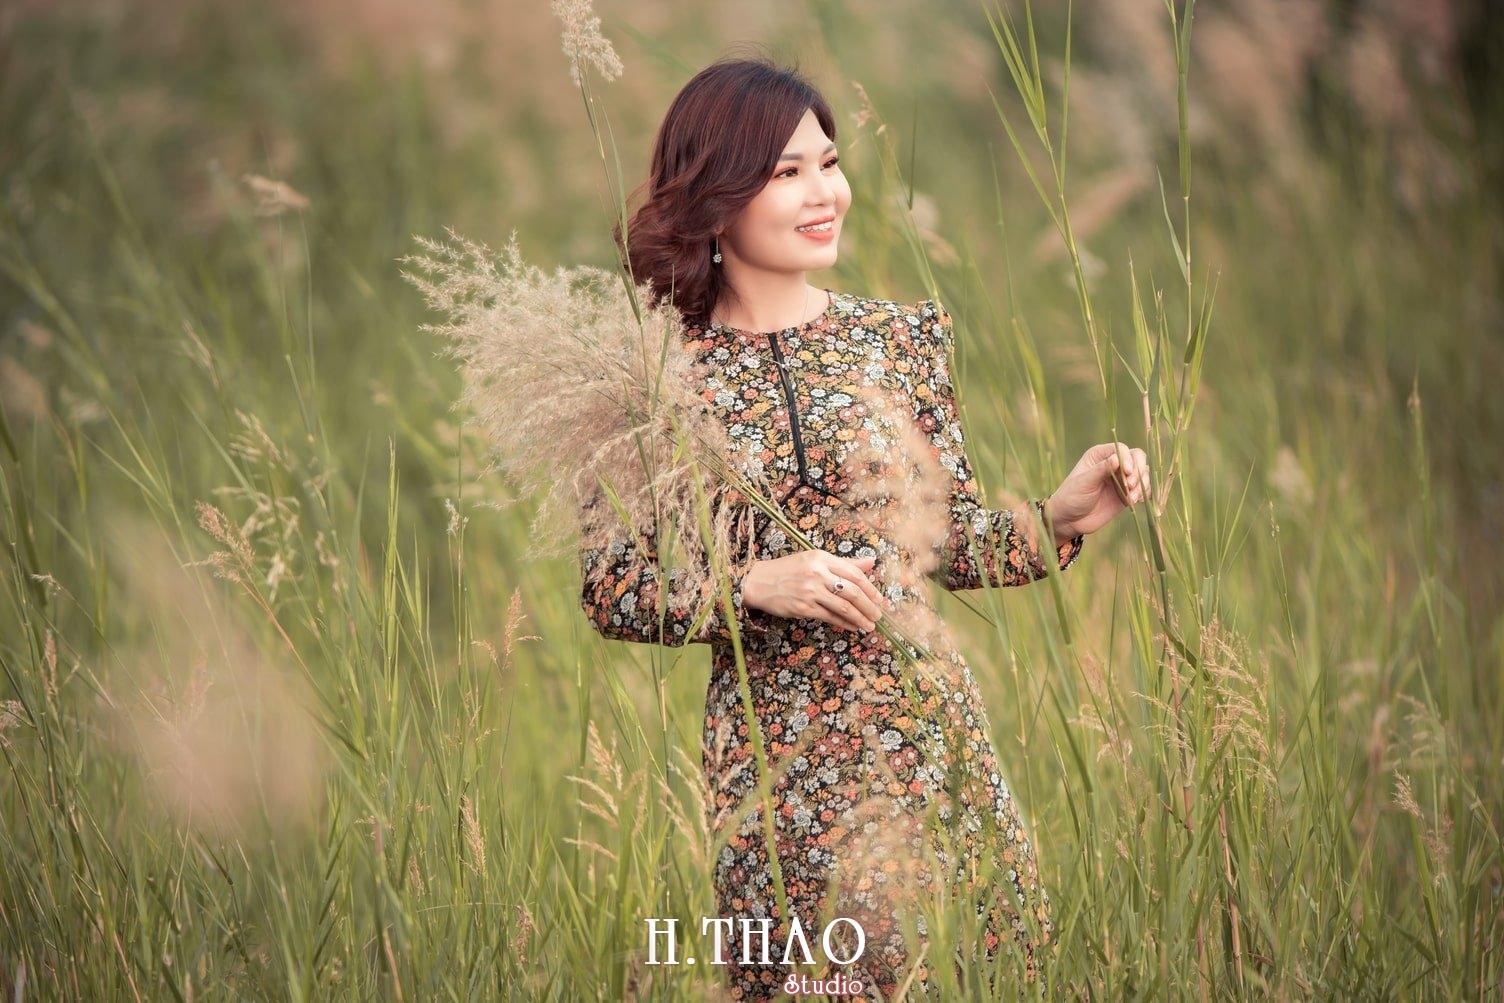 Canh Dong Co Lau 4 - Top #10 địa điểm chụp hình ngoại cảnh đẹp nhất Tp.HCM - HThao Studio